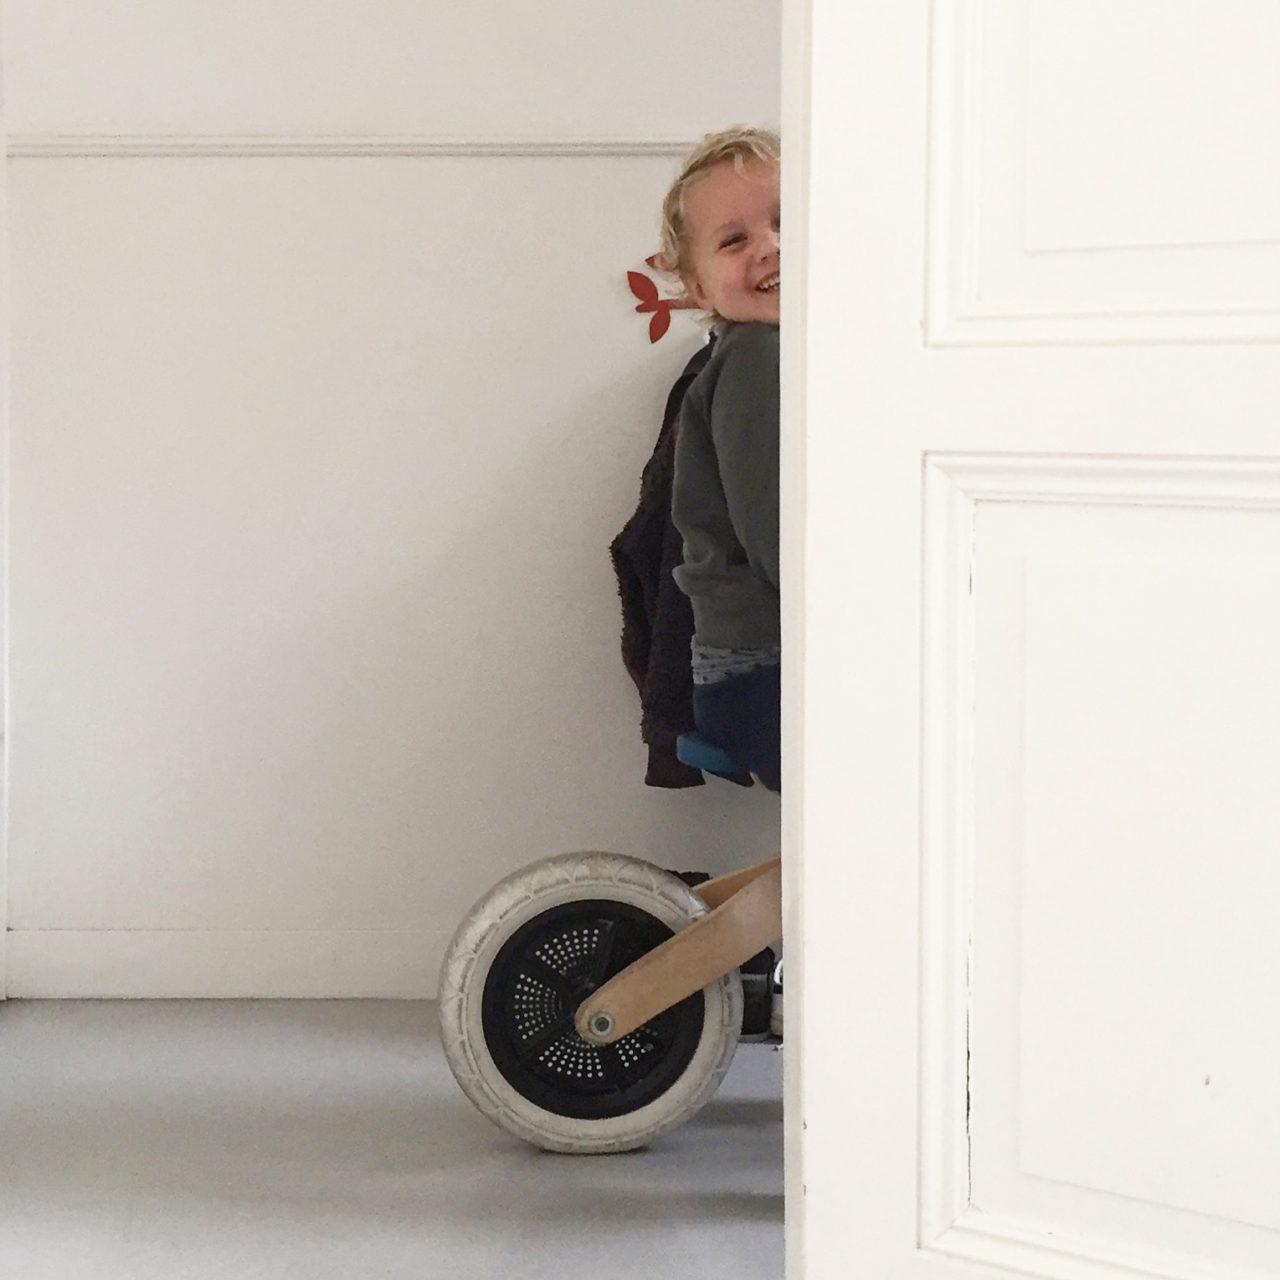 capaz-mirandakoopman-portretfotografie-kinderen-7097